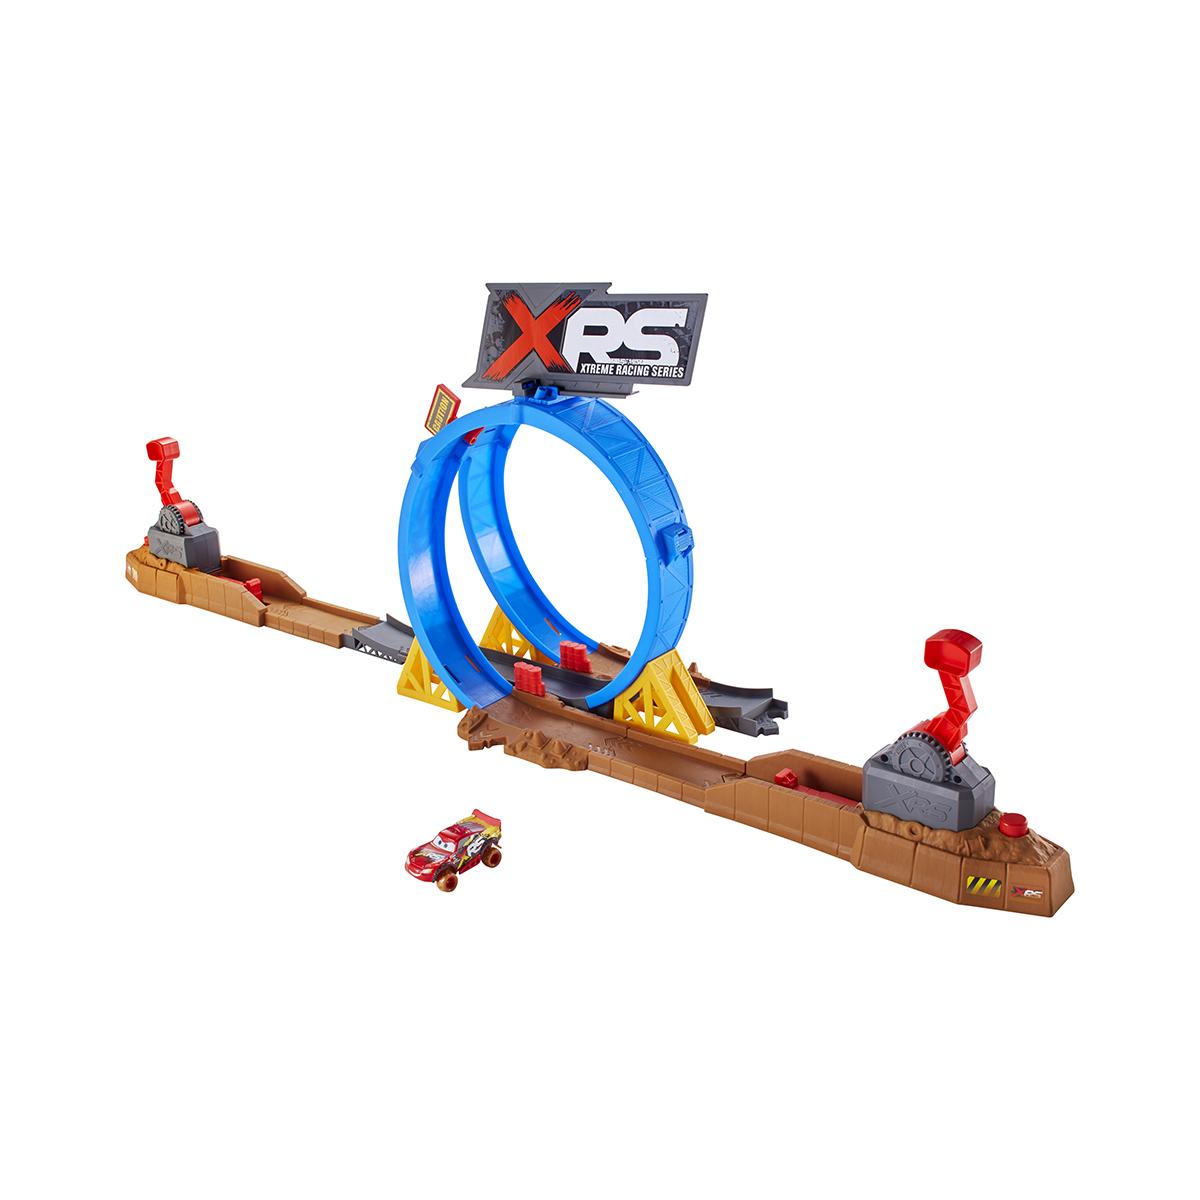 Set de joaca Disney Cars, Provocarea de pe pista XRS